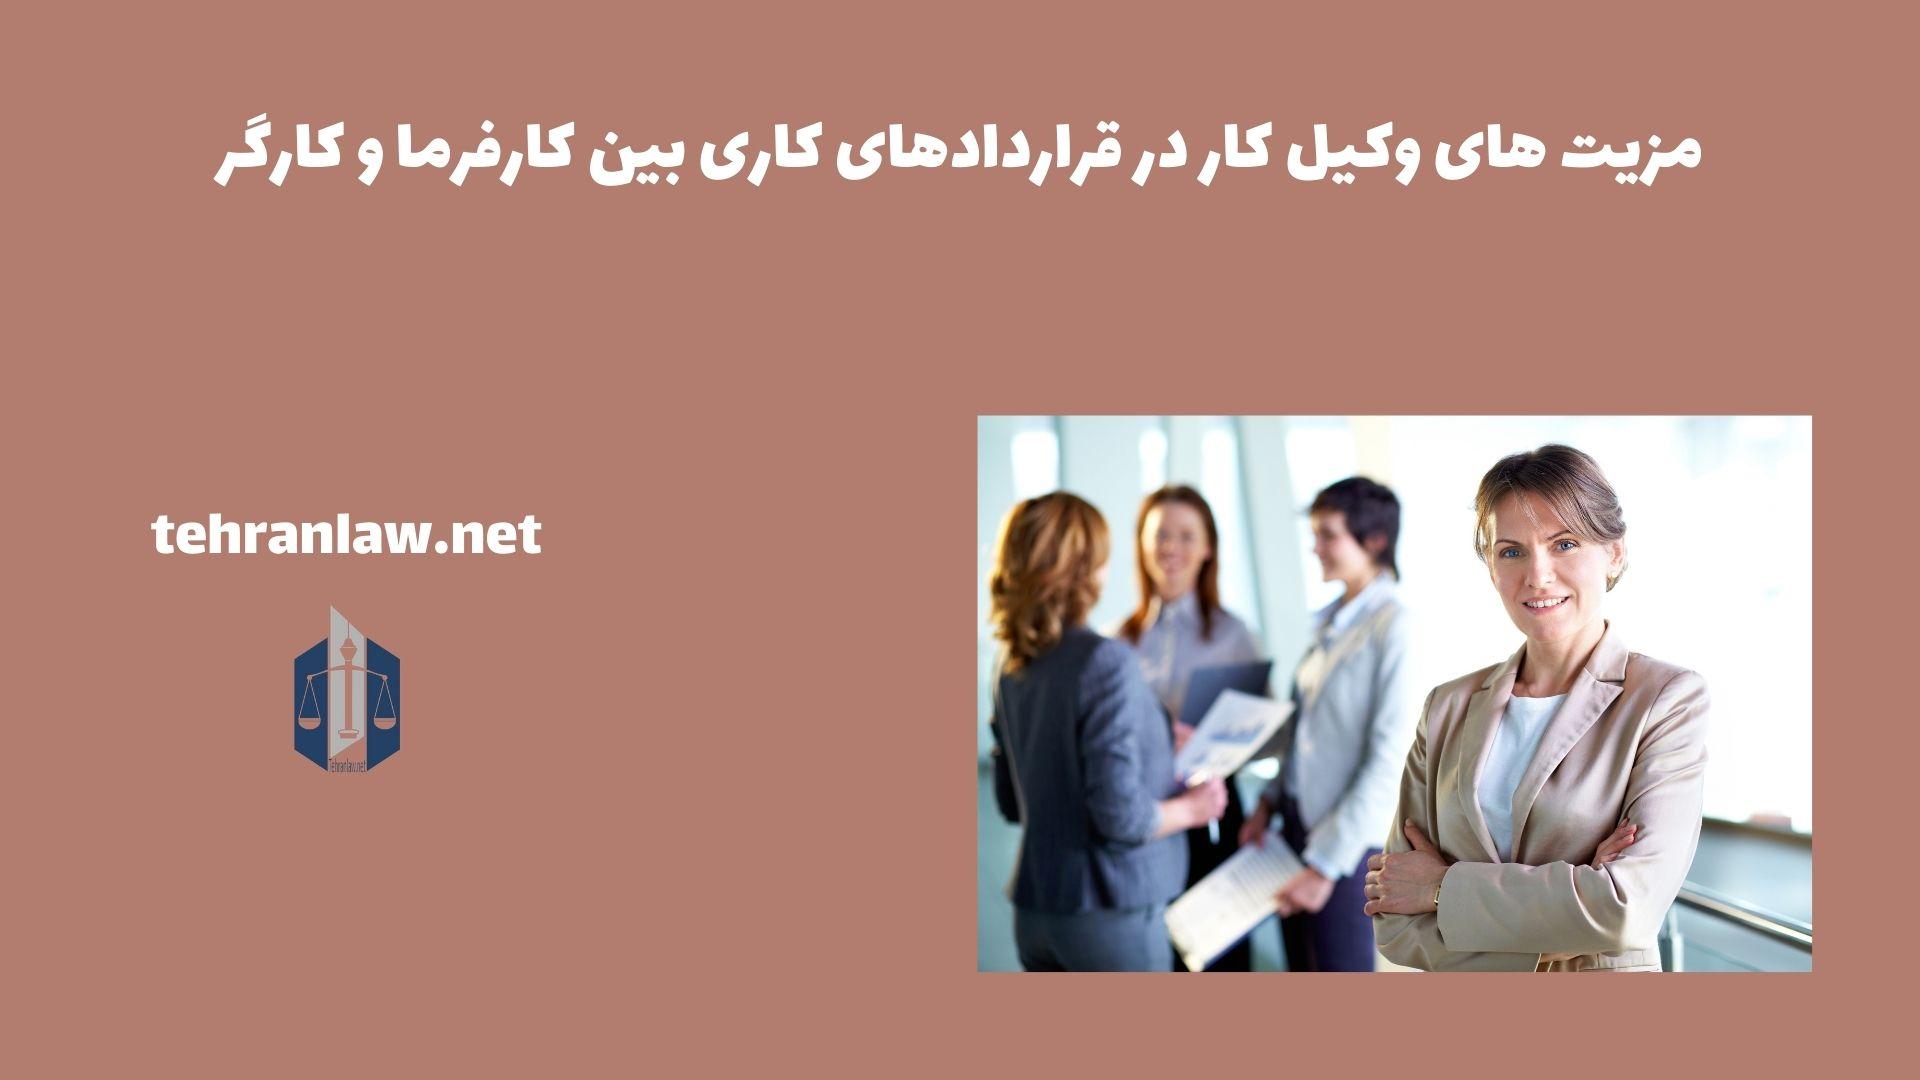 مزیت های وکیل کار در قراردادهای کاری بین کارفرما و کارگر